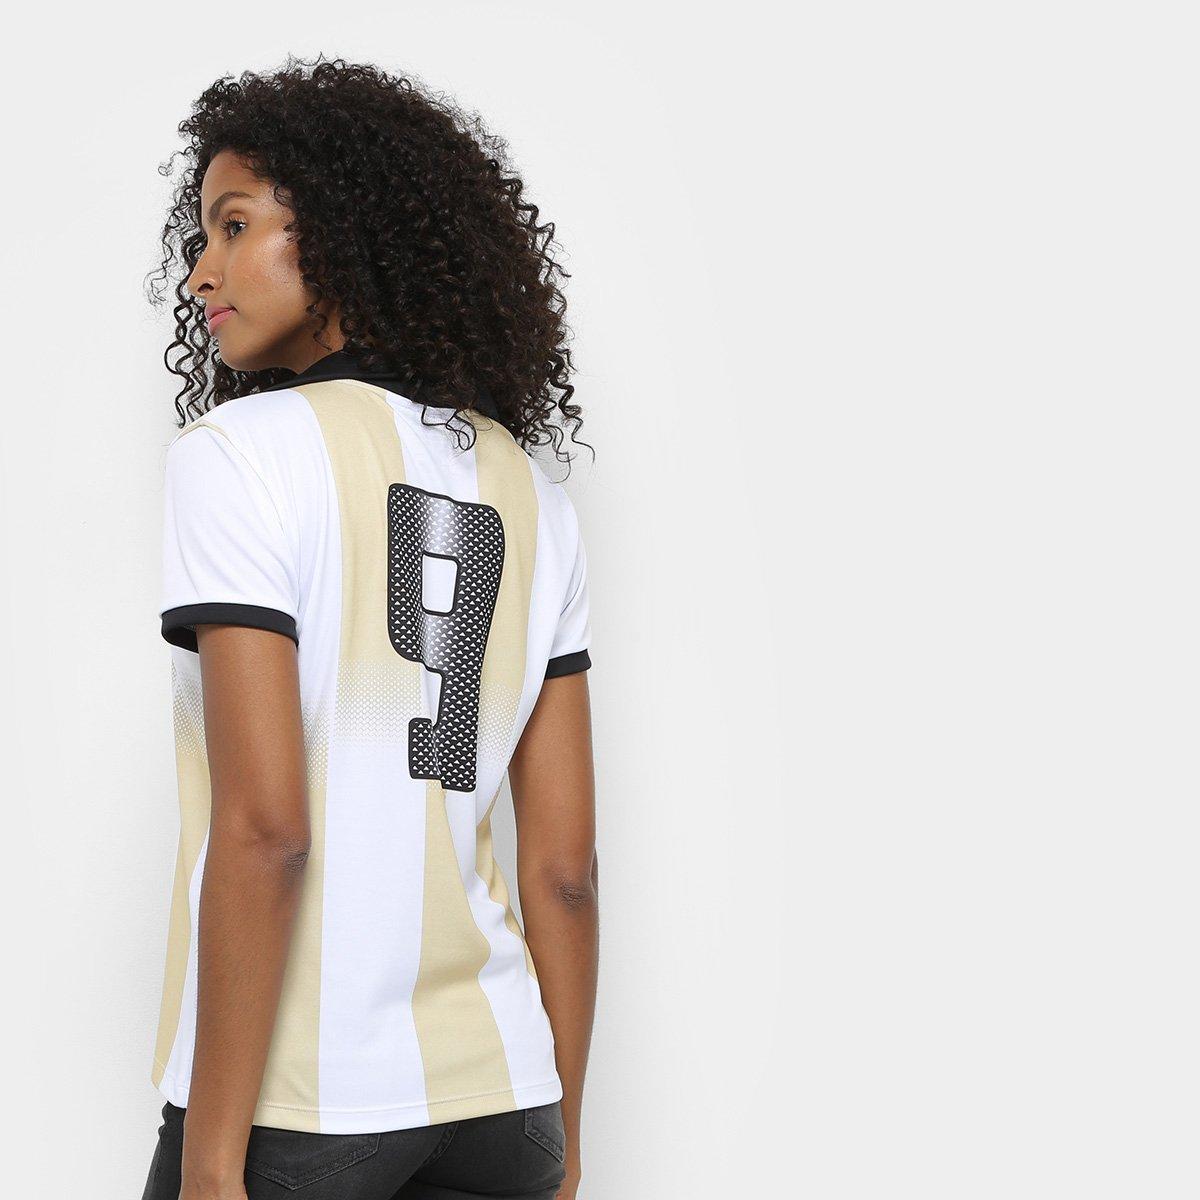 ... Camisa Corinthians n° 9 Centenário - Edição Limitada Feminina ... 9286b2e5d8a85